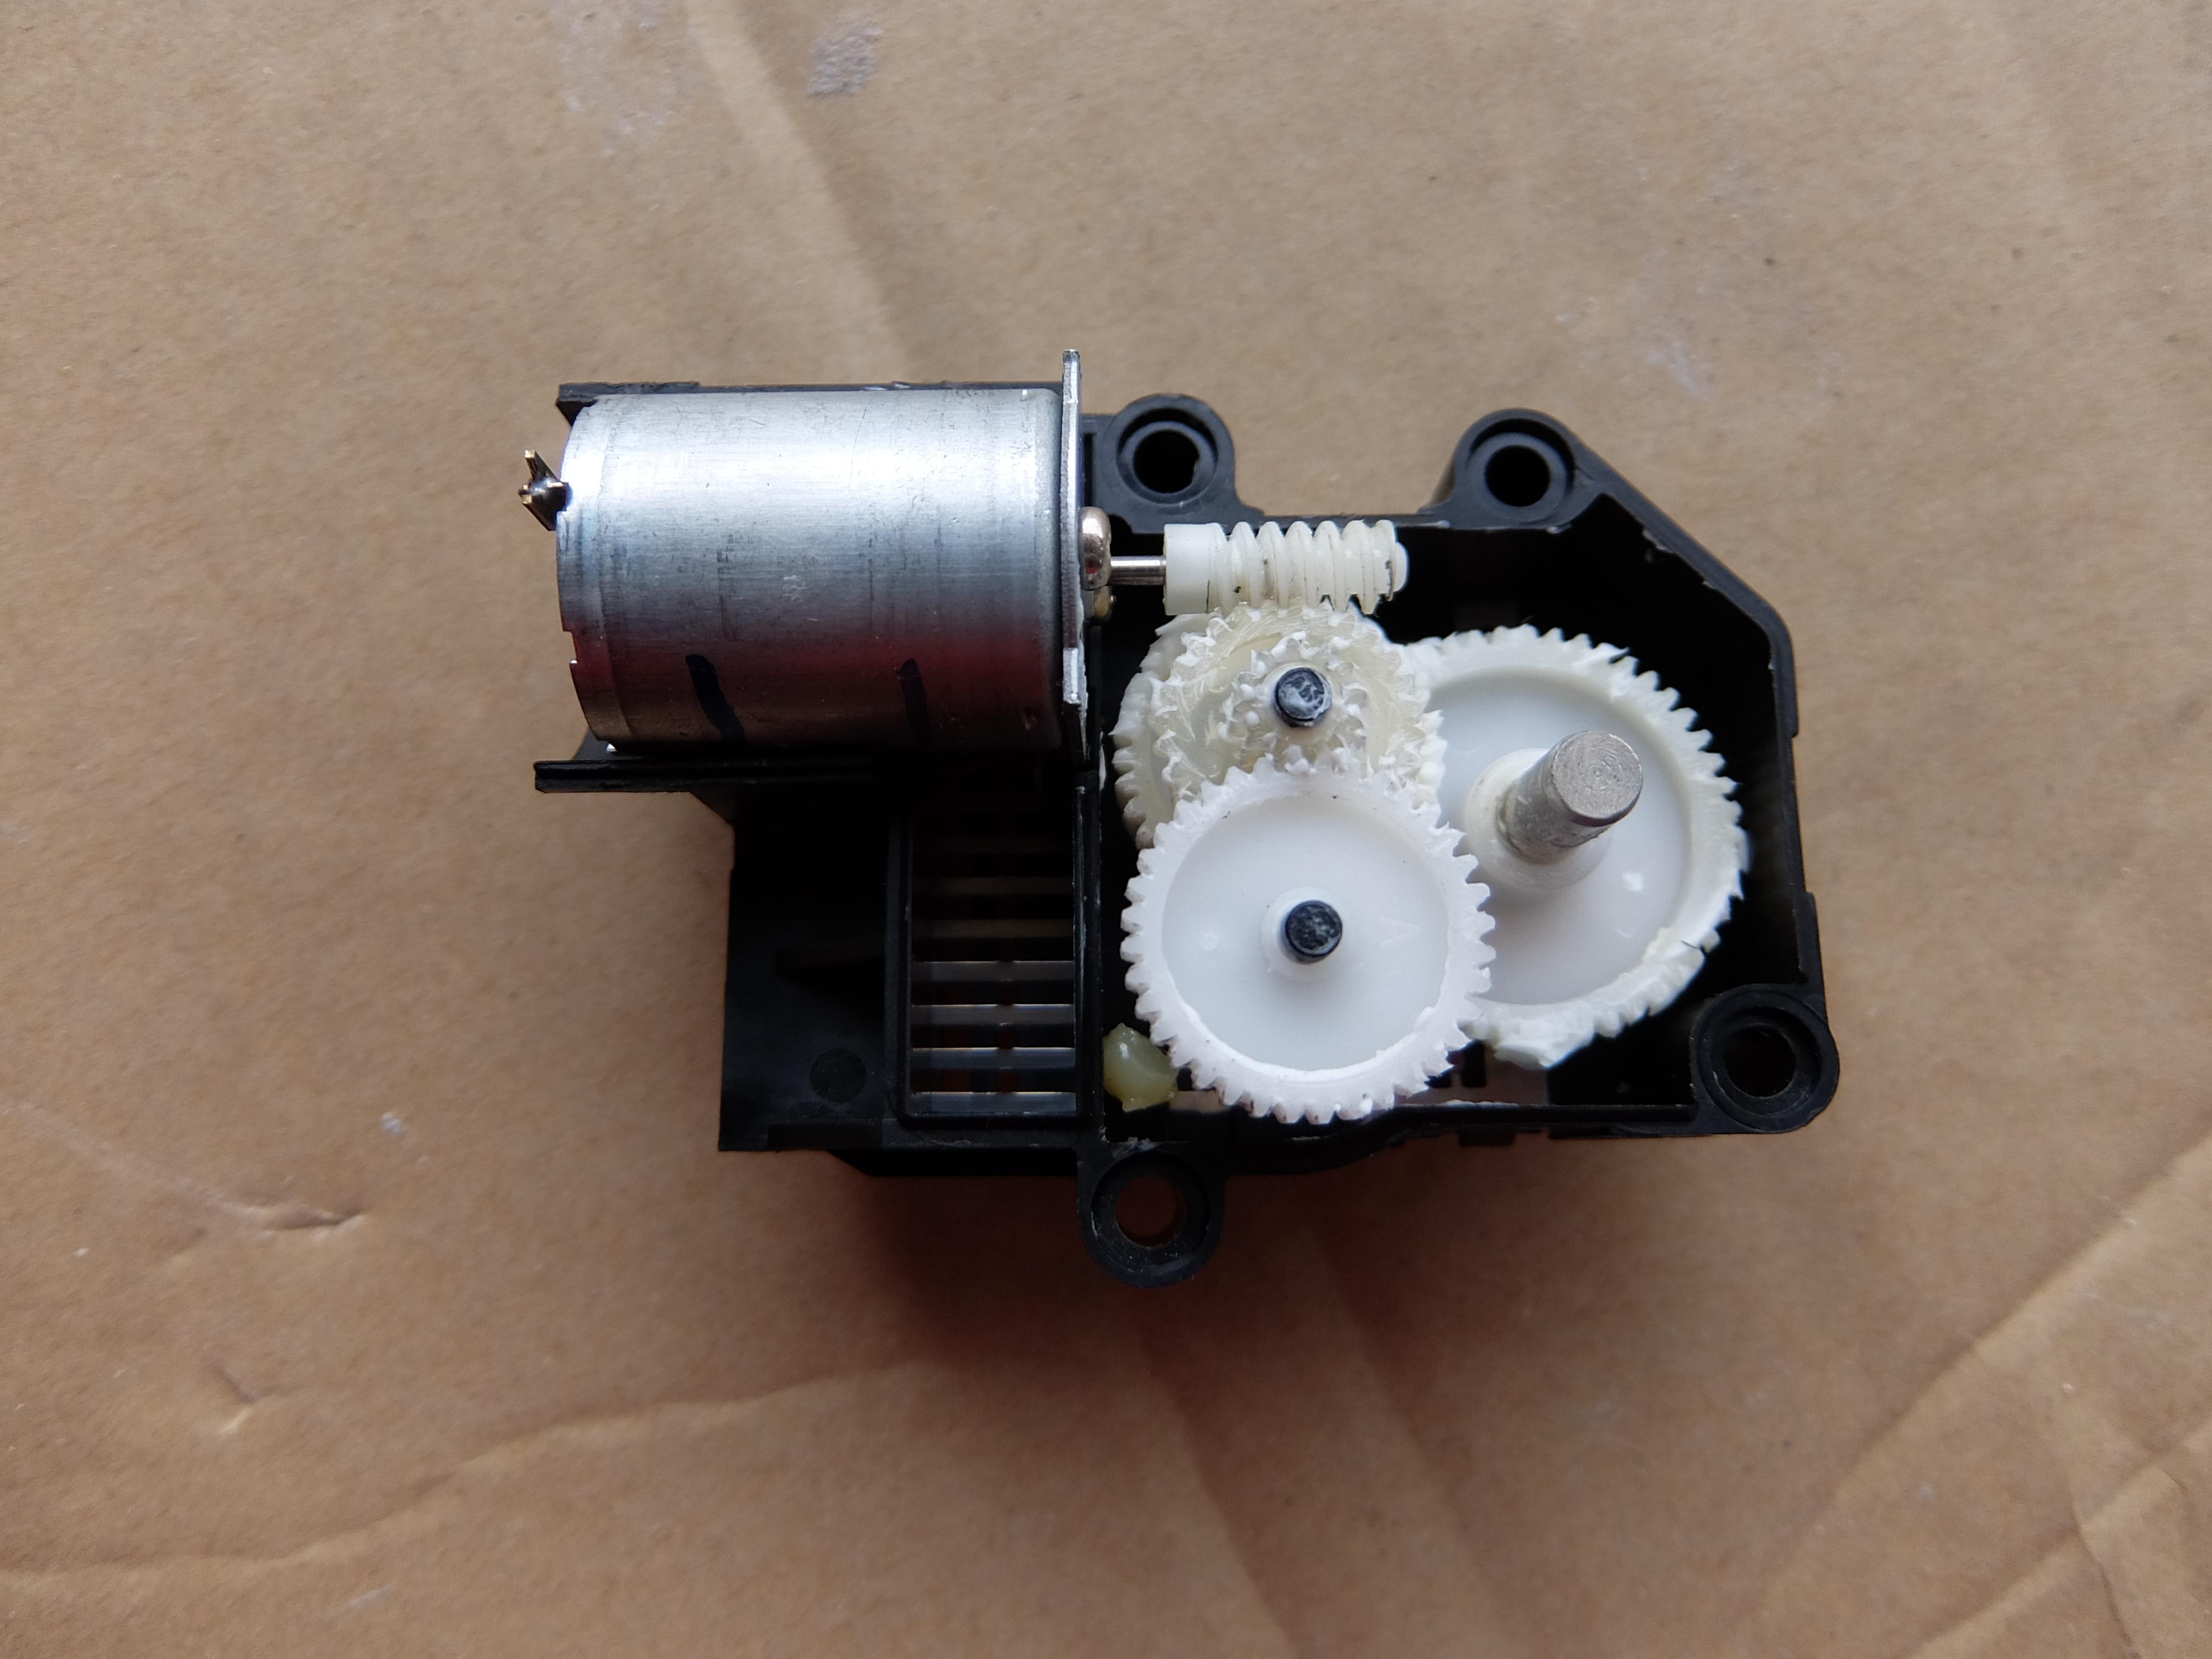 車のエアコンの送風口切り替えモーターが故障!モードドアアクチュエーター修理